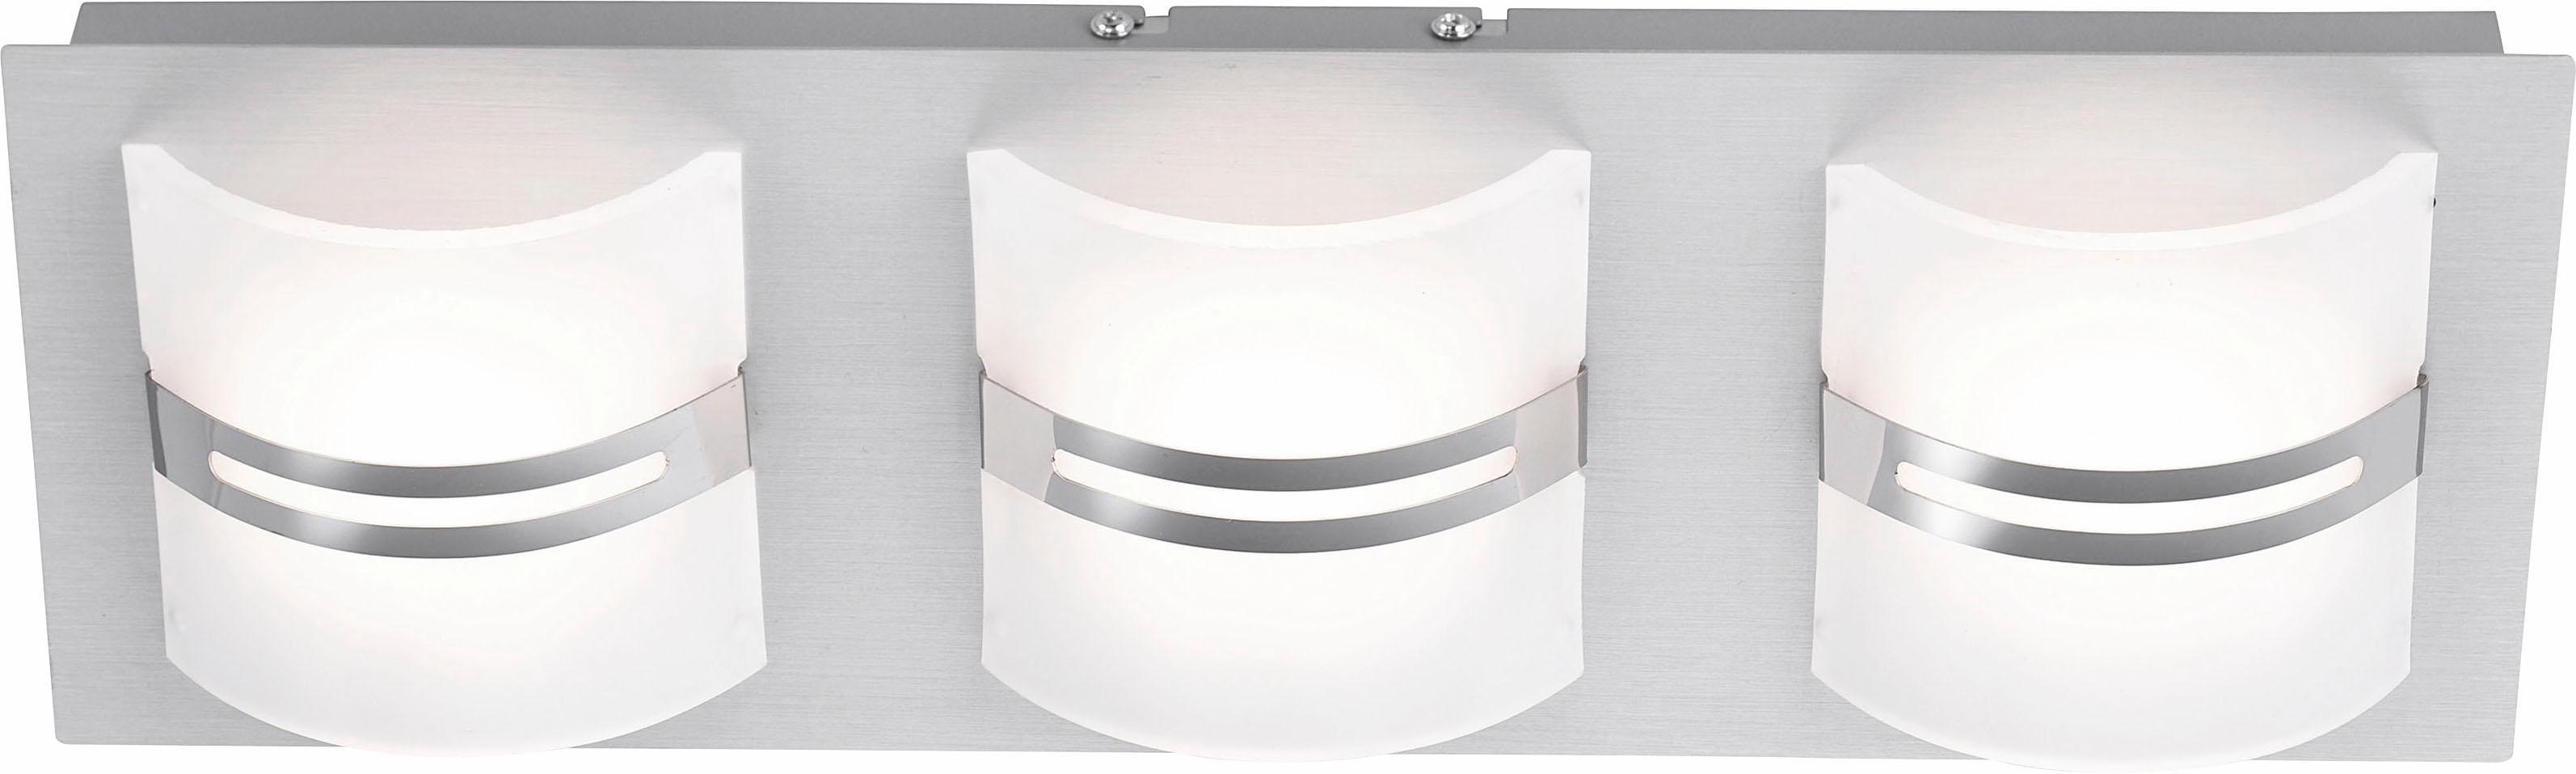 Paul Neuhaus LED Deckenleuchte KLARA